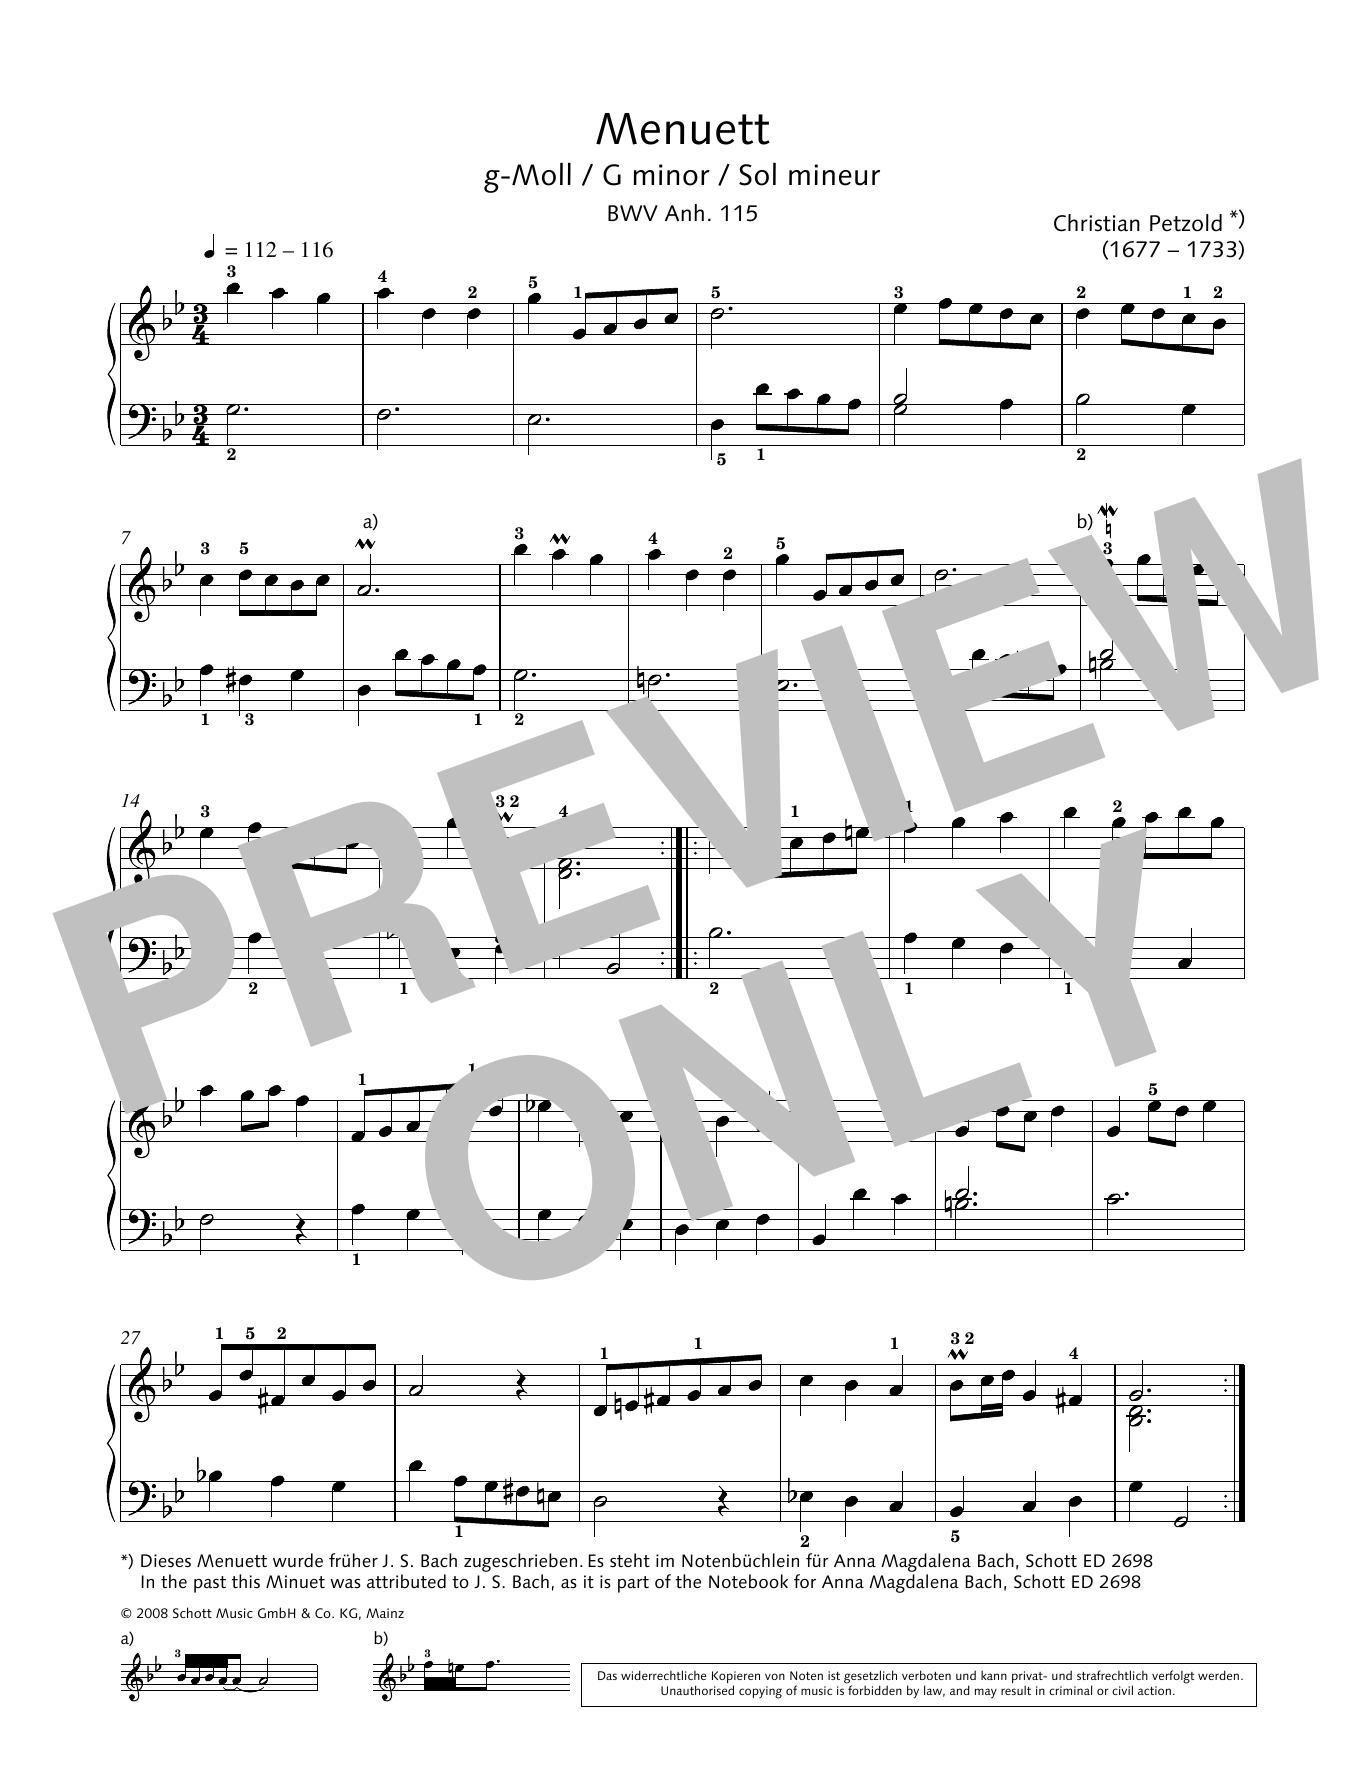 Minuet in G minor Sheet Music